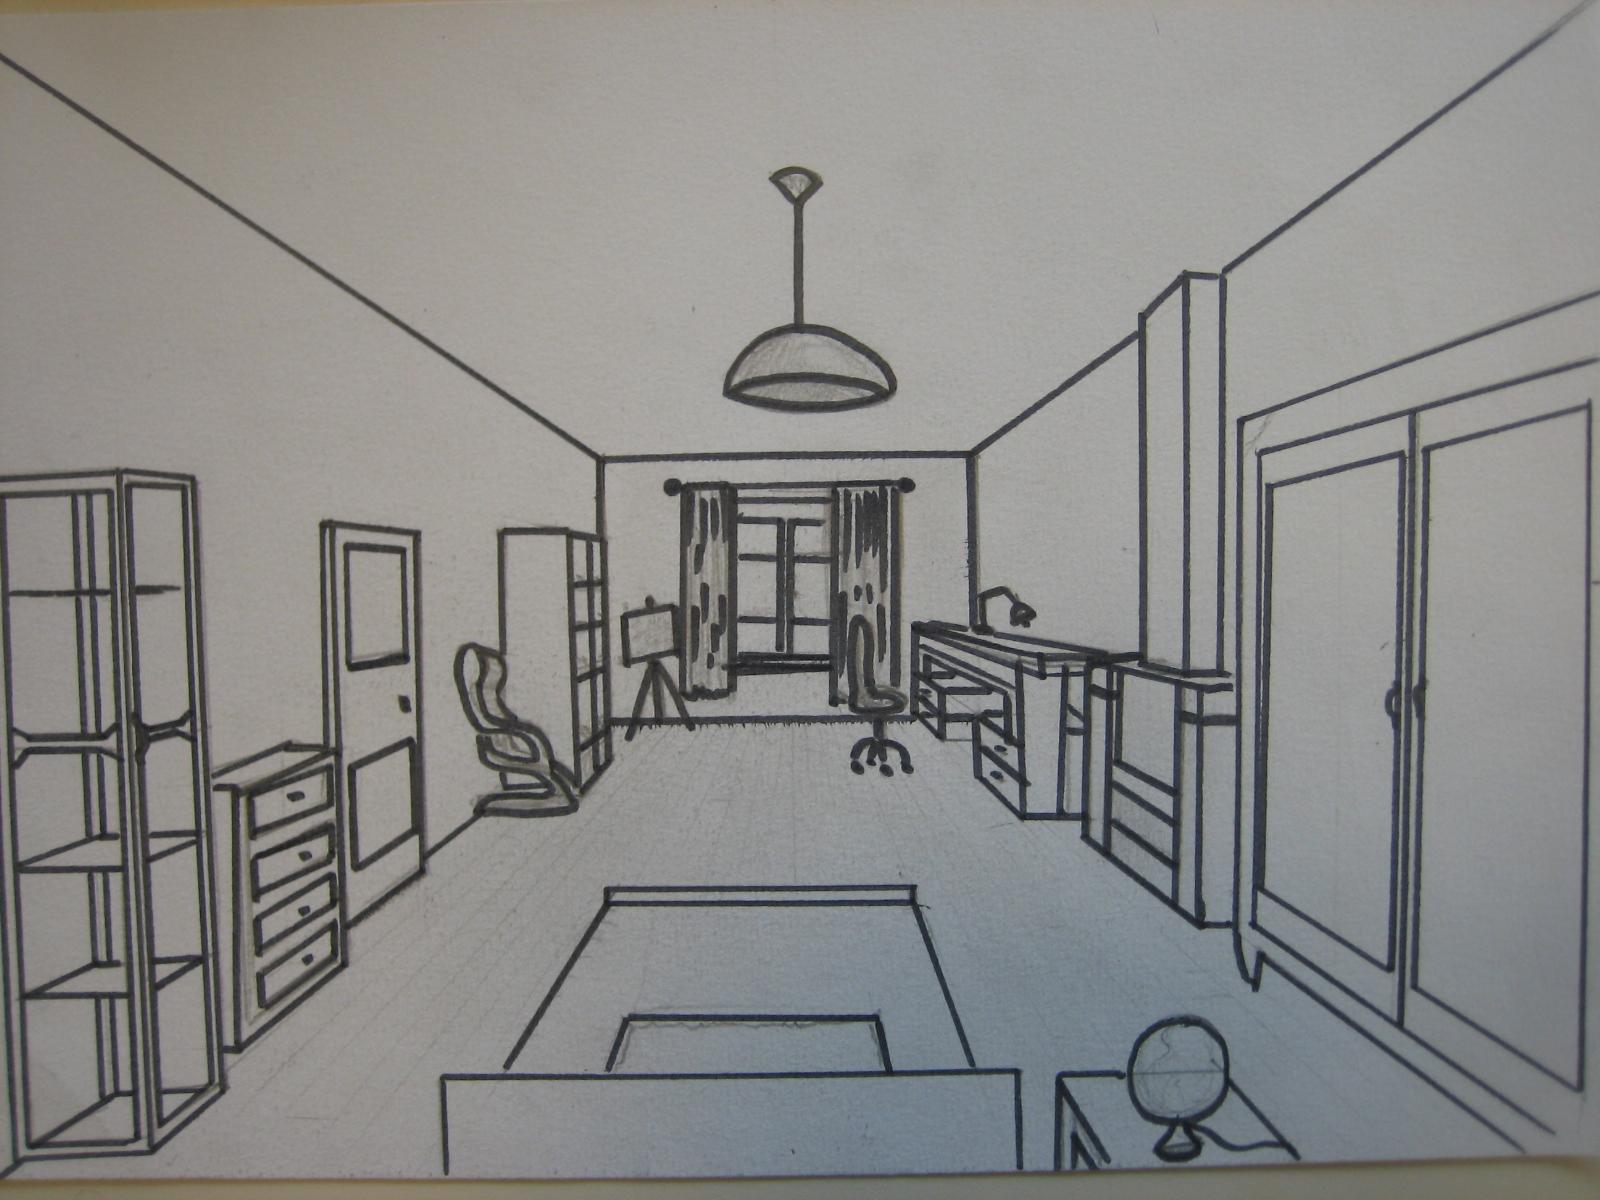 Chambre En Perspective Idées De Design D Intérieur Et De Meubles · Chambre  En Perspective Avec Point De Fuite